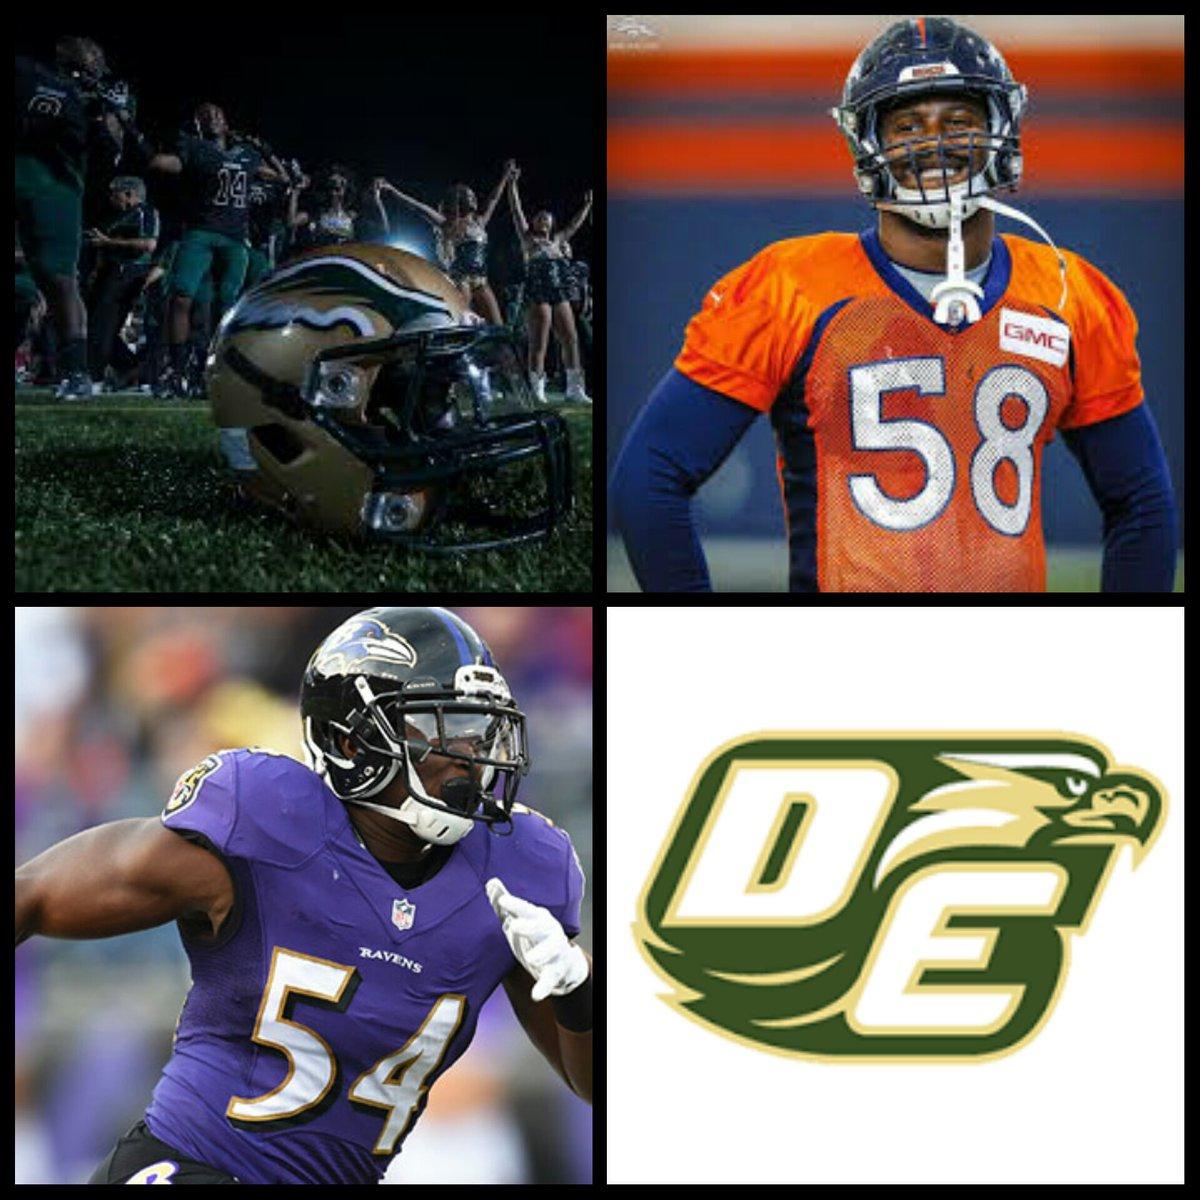 .@DesotoFB  #NFL All-Pro 1st team Von Miller LB #NFL All-Pro 2nd team Zachary Orr LB #WeFoundOut #OrrBoyz  #DeSotoU https://t.co/qk8LXj6W45